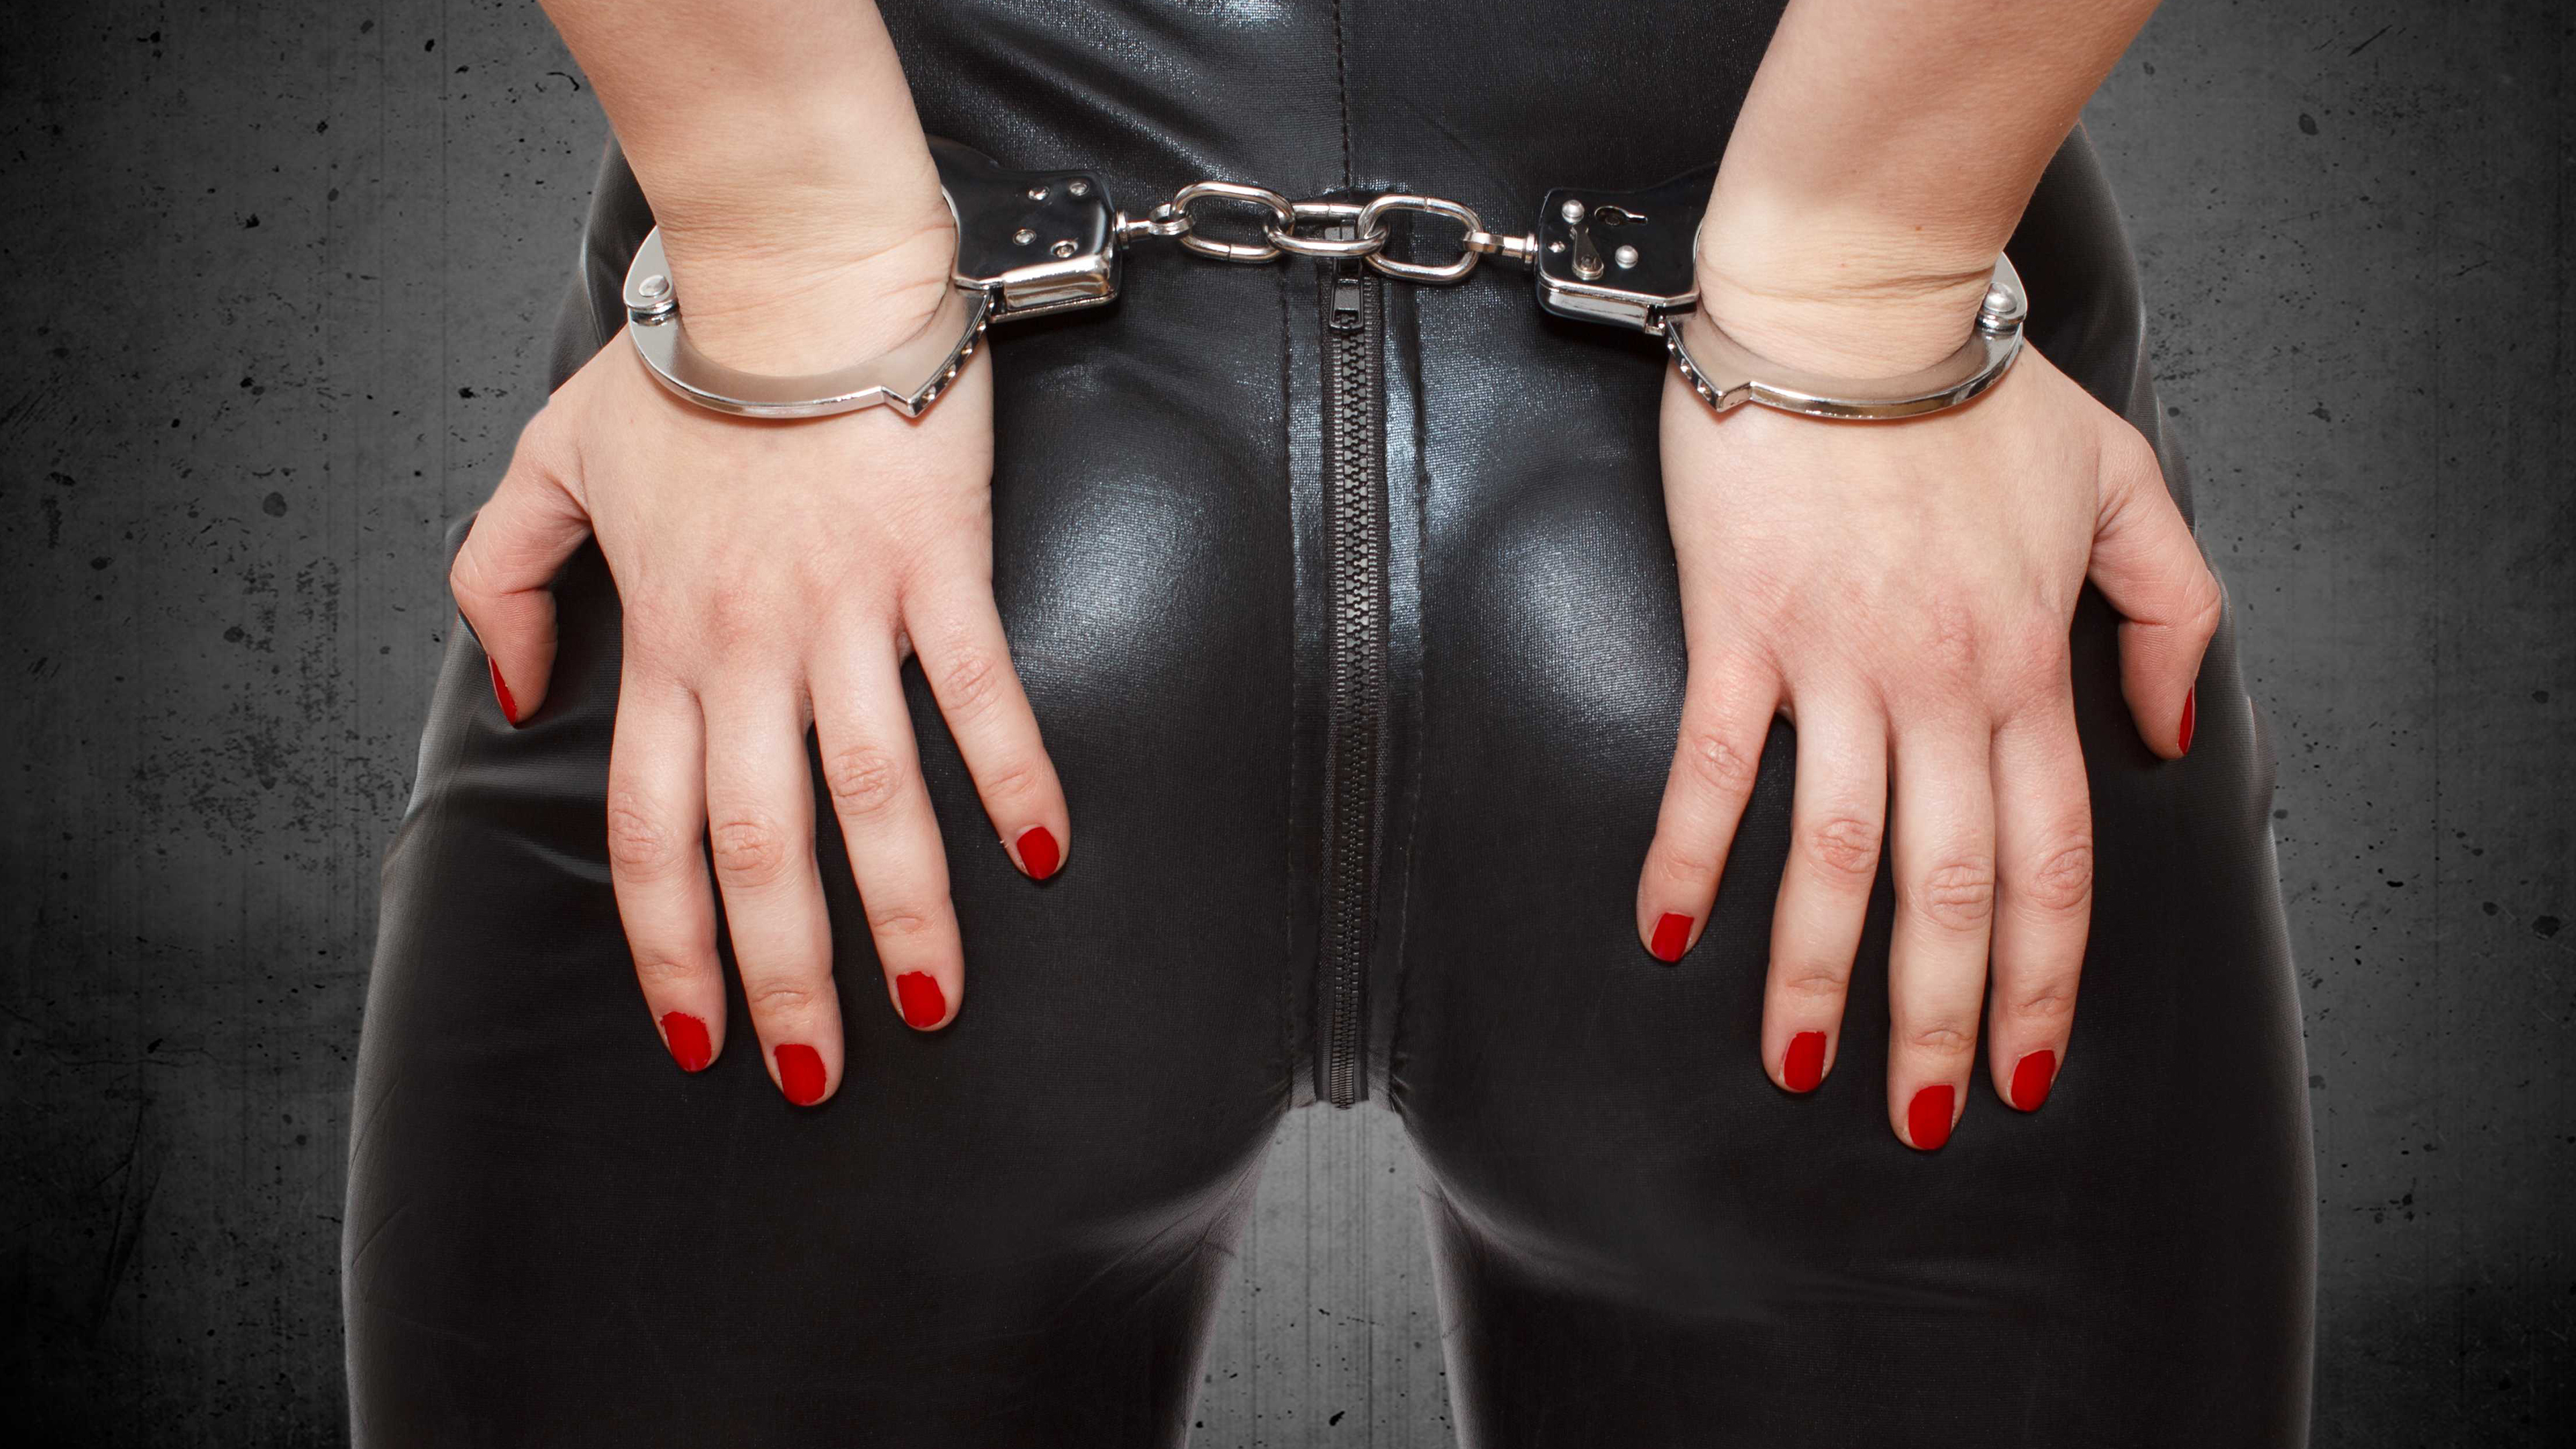 Смотреть онлайн садо мазо над рабами, Садо Мазо - женское доминирование русские Mom 9 фотография